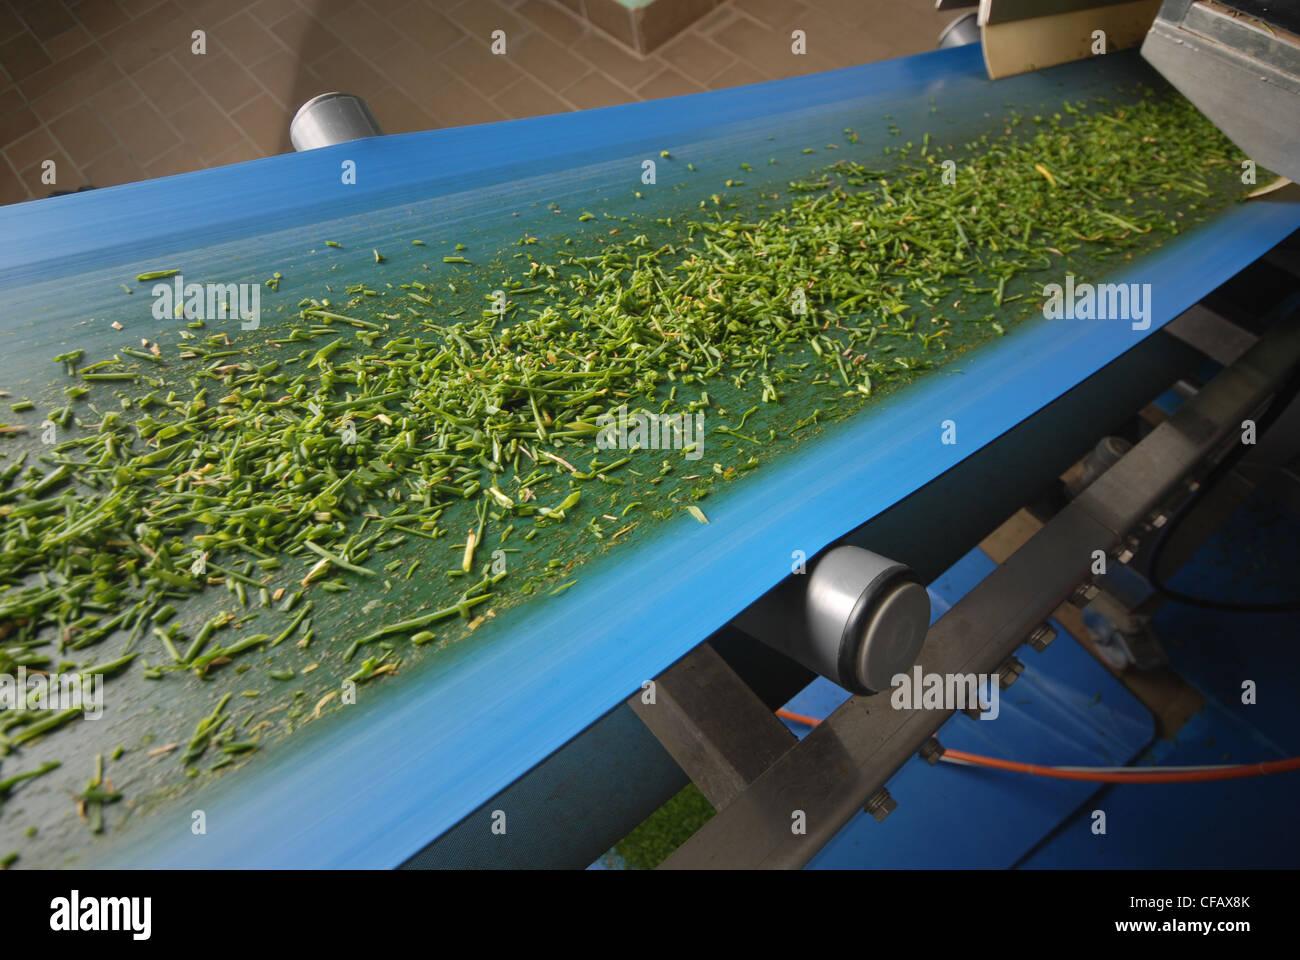 Alpine, cinta transportadora, hierbas, biología, Weissenburg, hierbas de montaña, procesamiento, reparadoras, Imagen De Stock